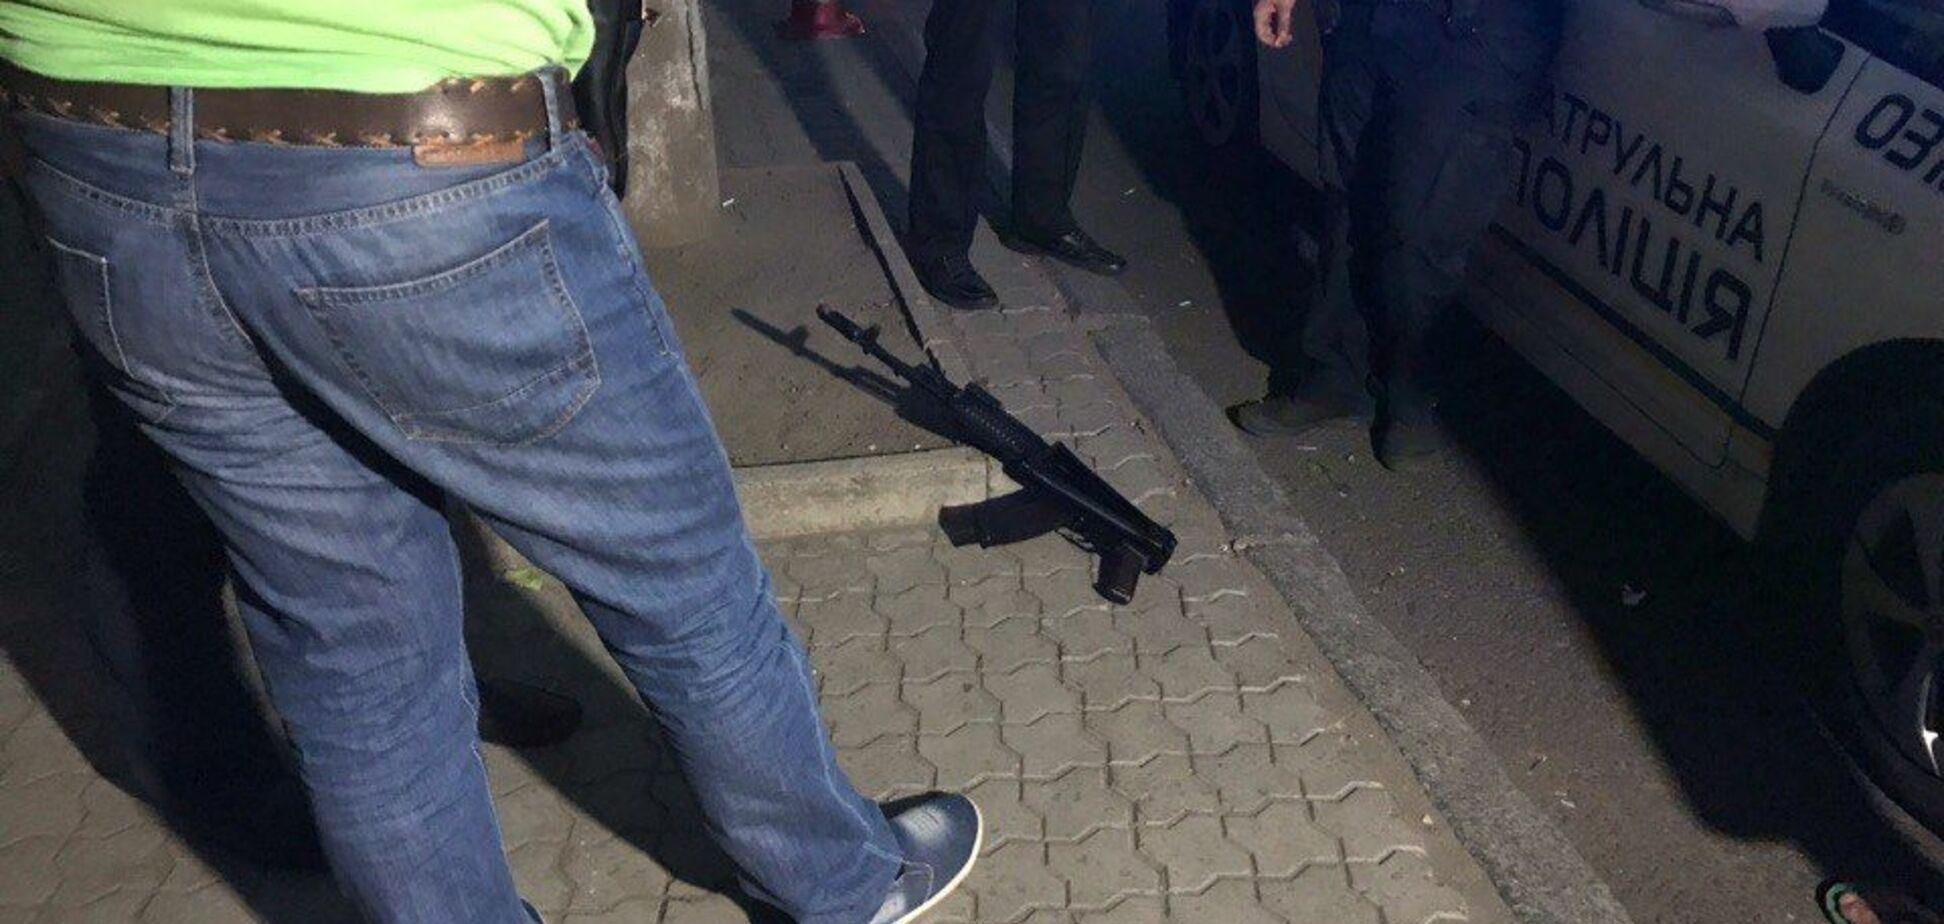 Убийство АТОшников в Днепре: стало известно о судьбе одного из подозреваемых